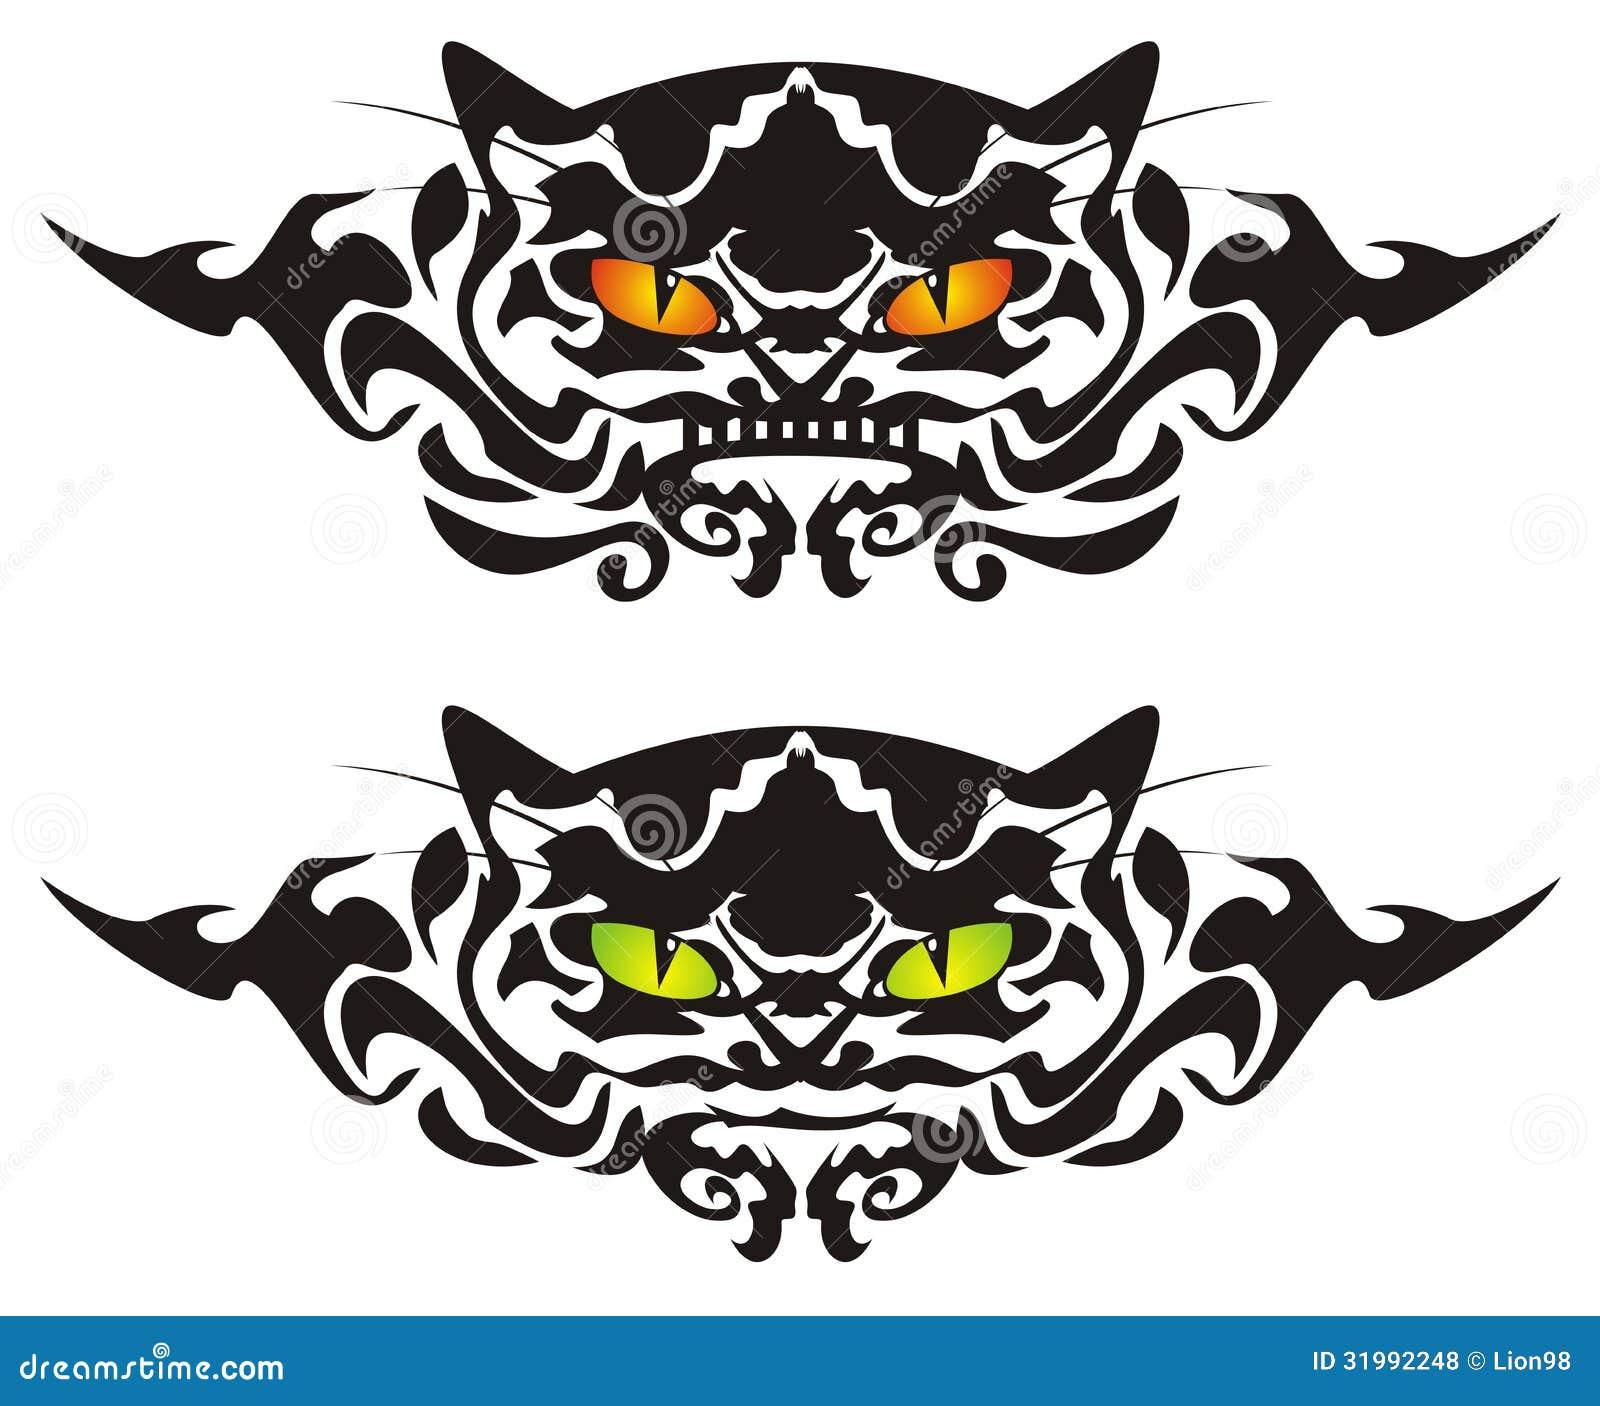 tribal cat eyes stock vector illustration of look design 31992248. Black Bedroom Furniture Sets. Home Design Ideas